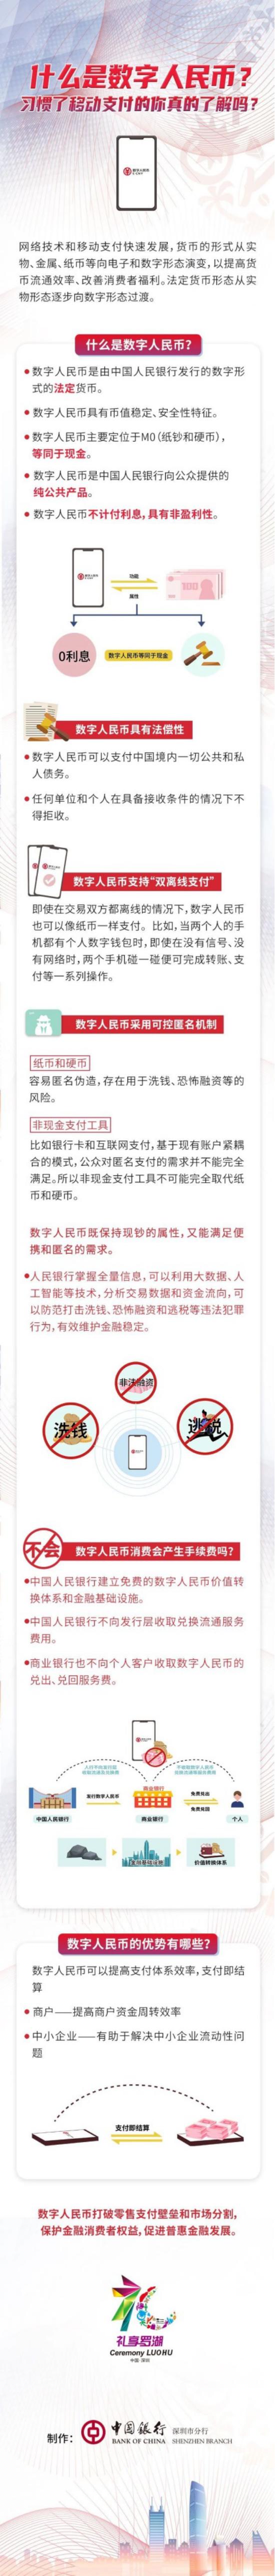 深圳开始推行数字人民币:最高可领200元免费金额